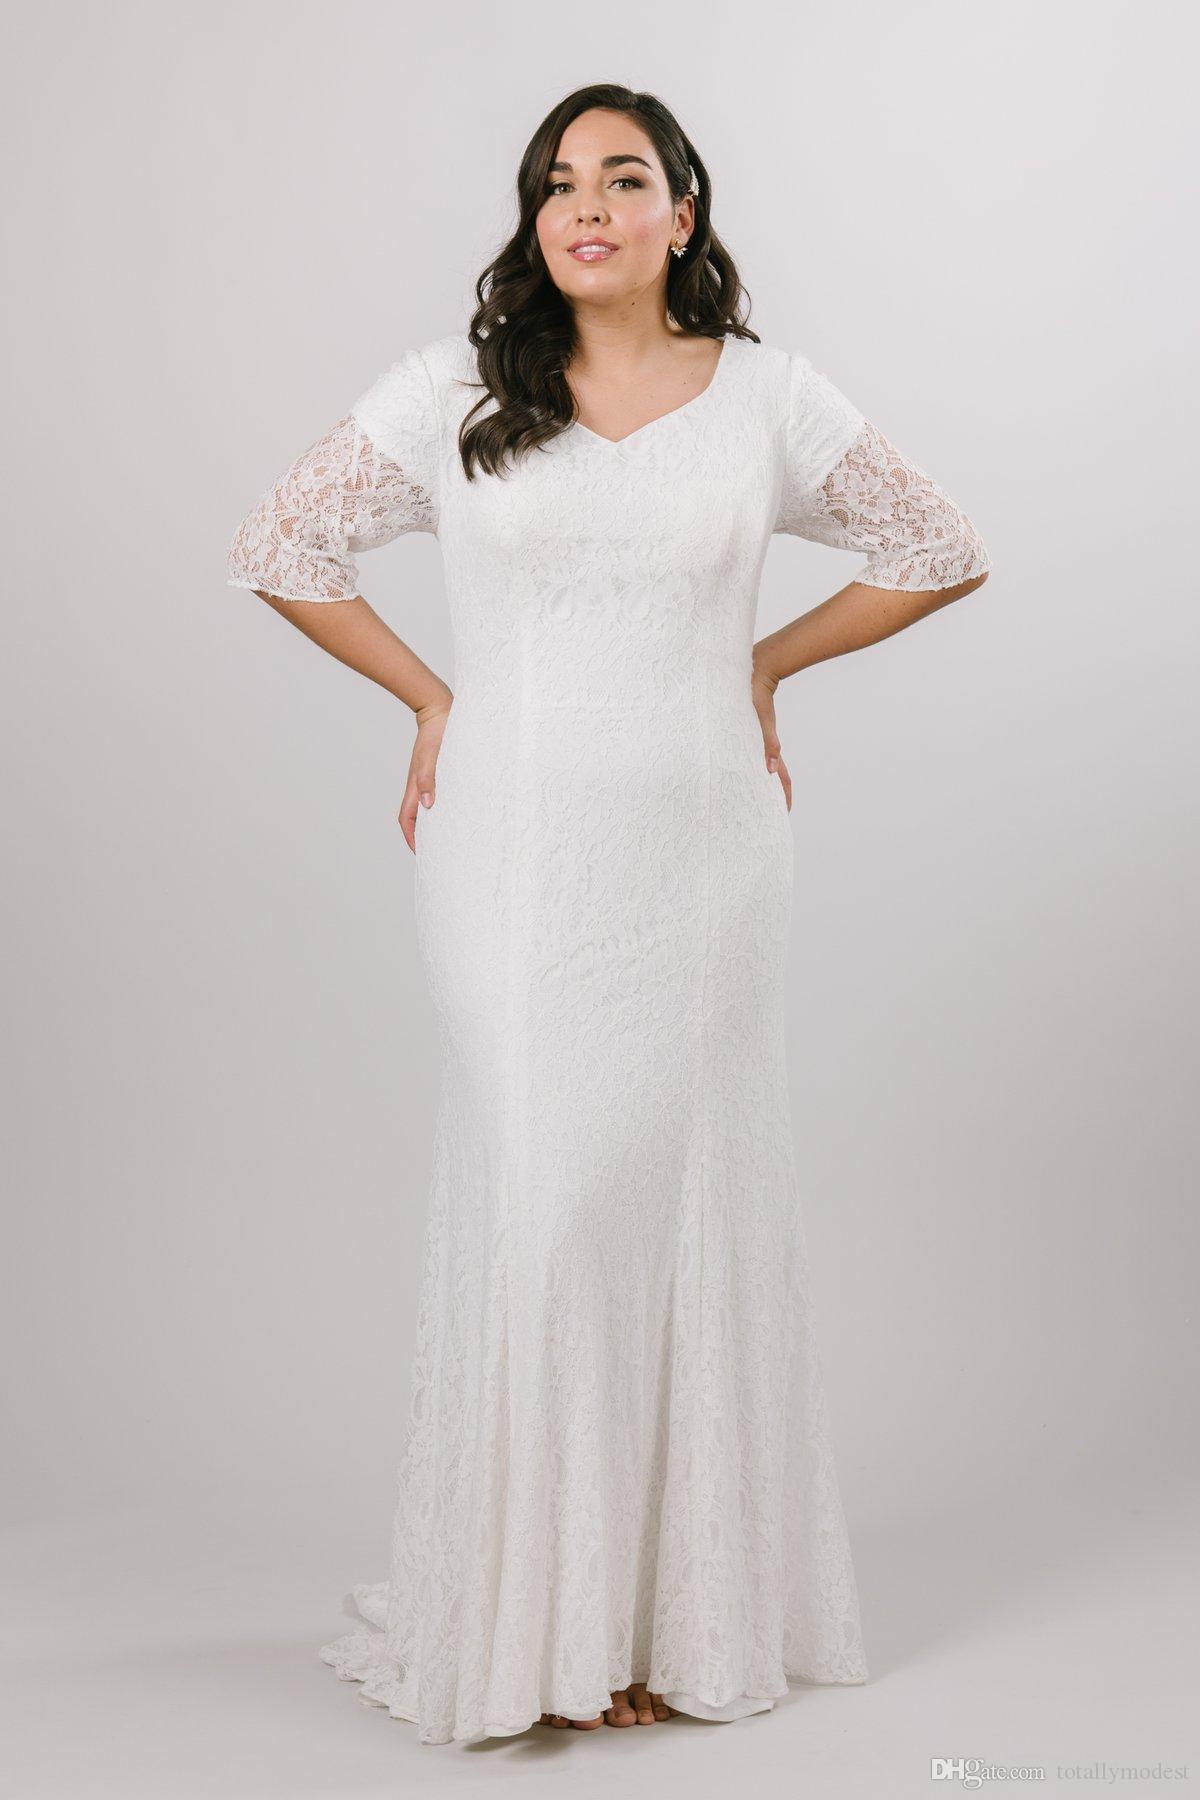 2020 Урожай Плюс размера Кружево Скромные свадебные платьев с рукавами Половины Sweetheart кнопкой Назад Простых скромных Большого размером свадебных платьев